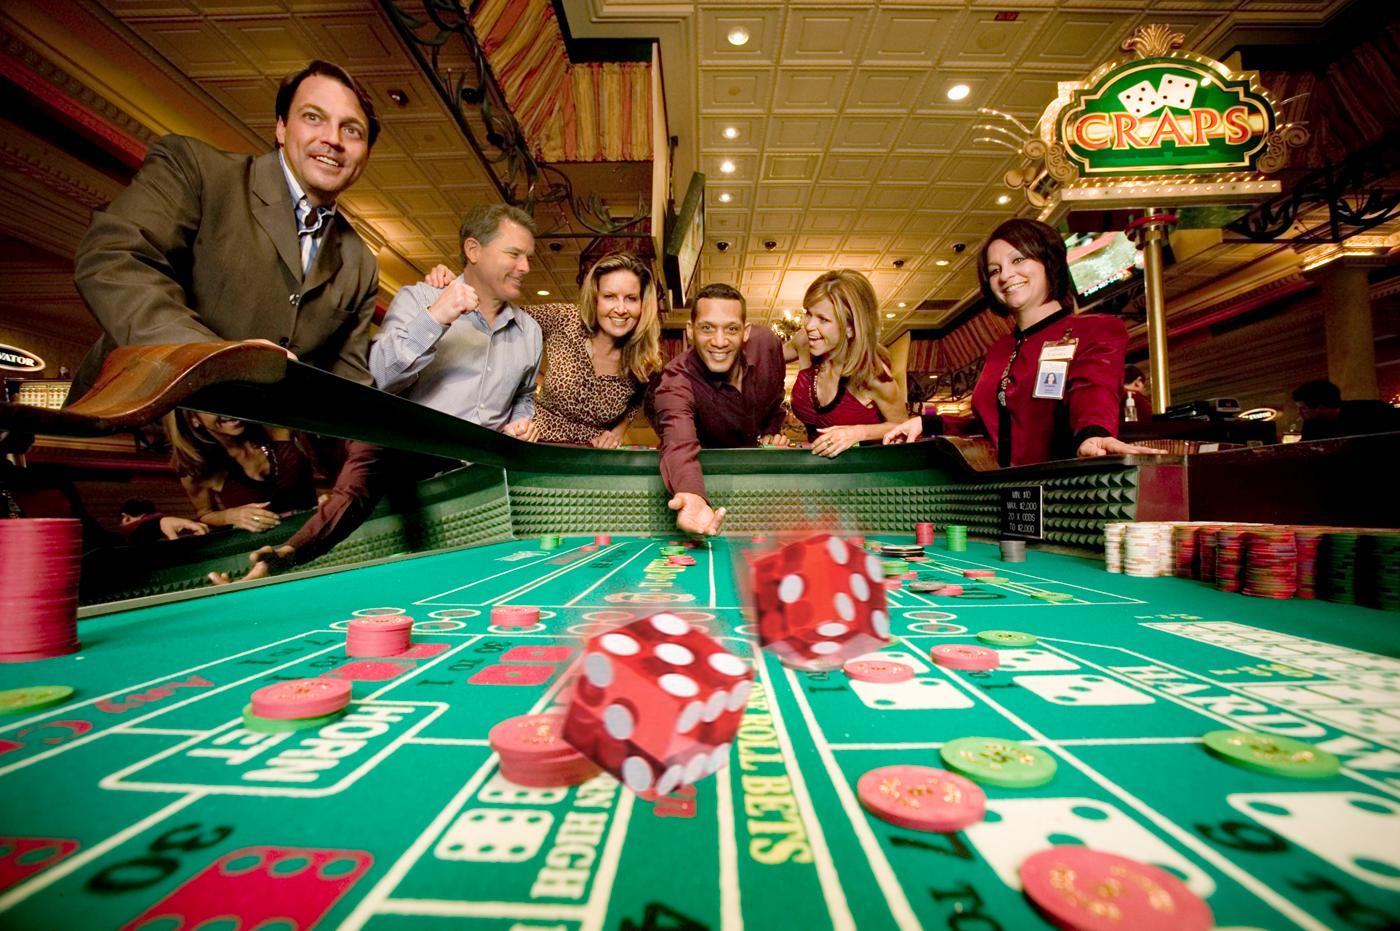 imagestop-casino-en-ligne-25.jpg